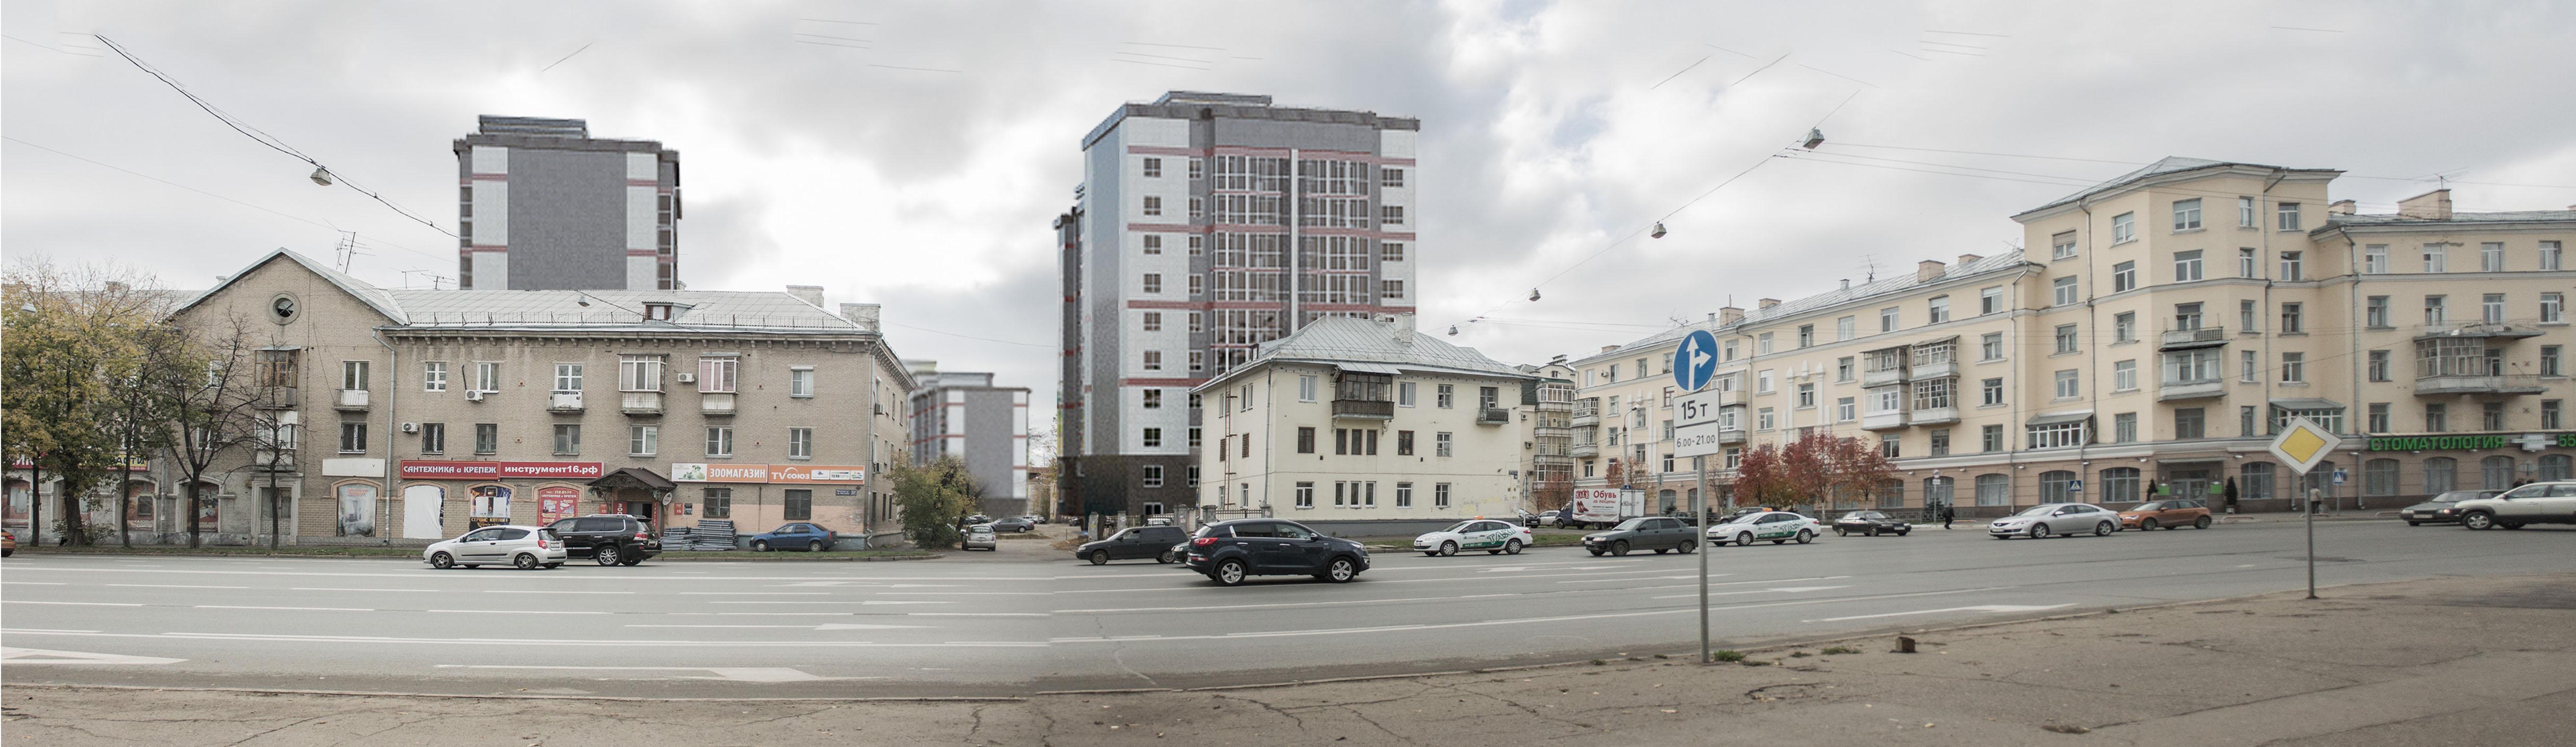 эскизный проект и визуализация жилого комплекса